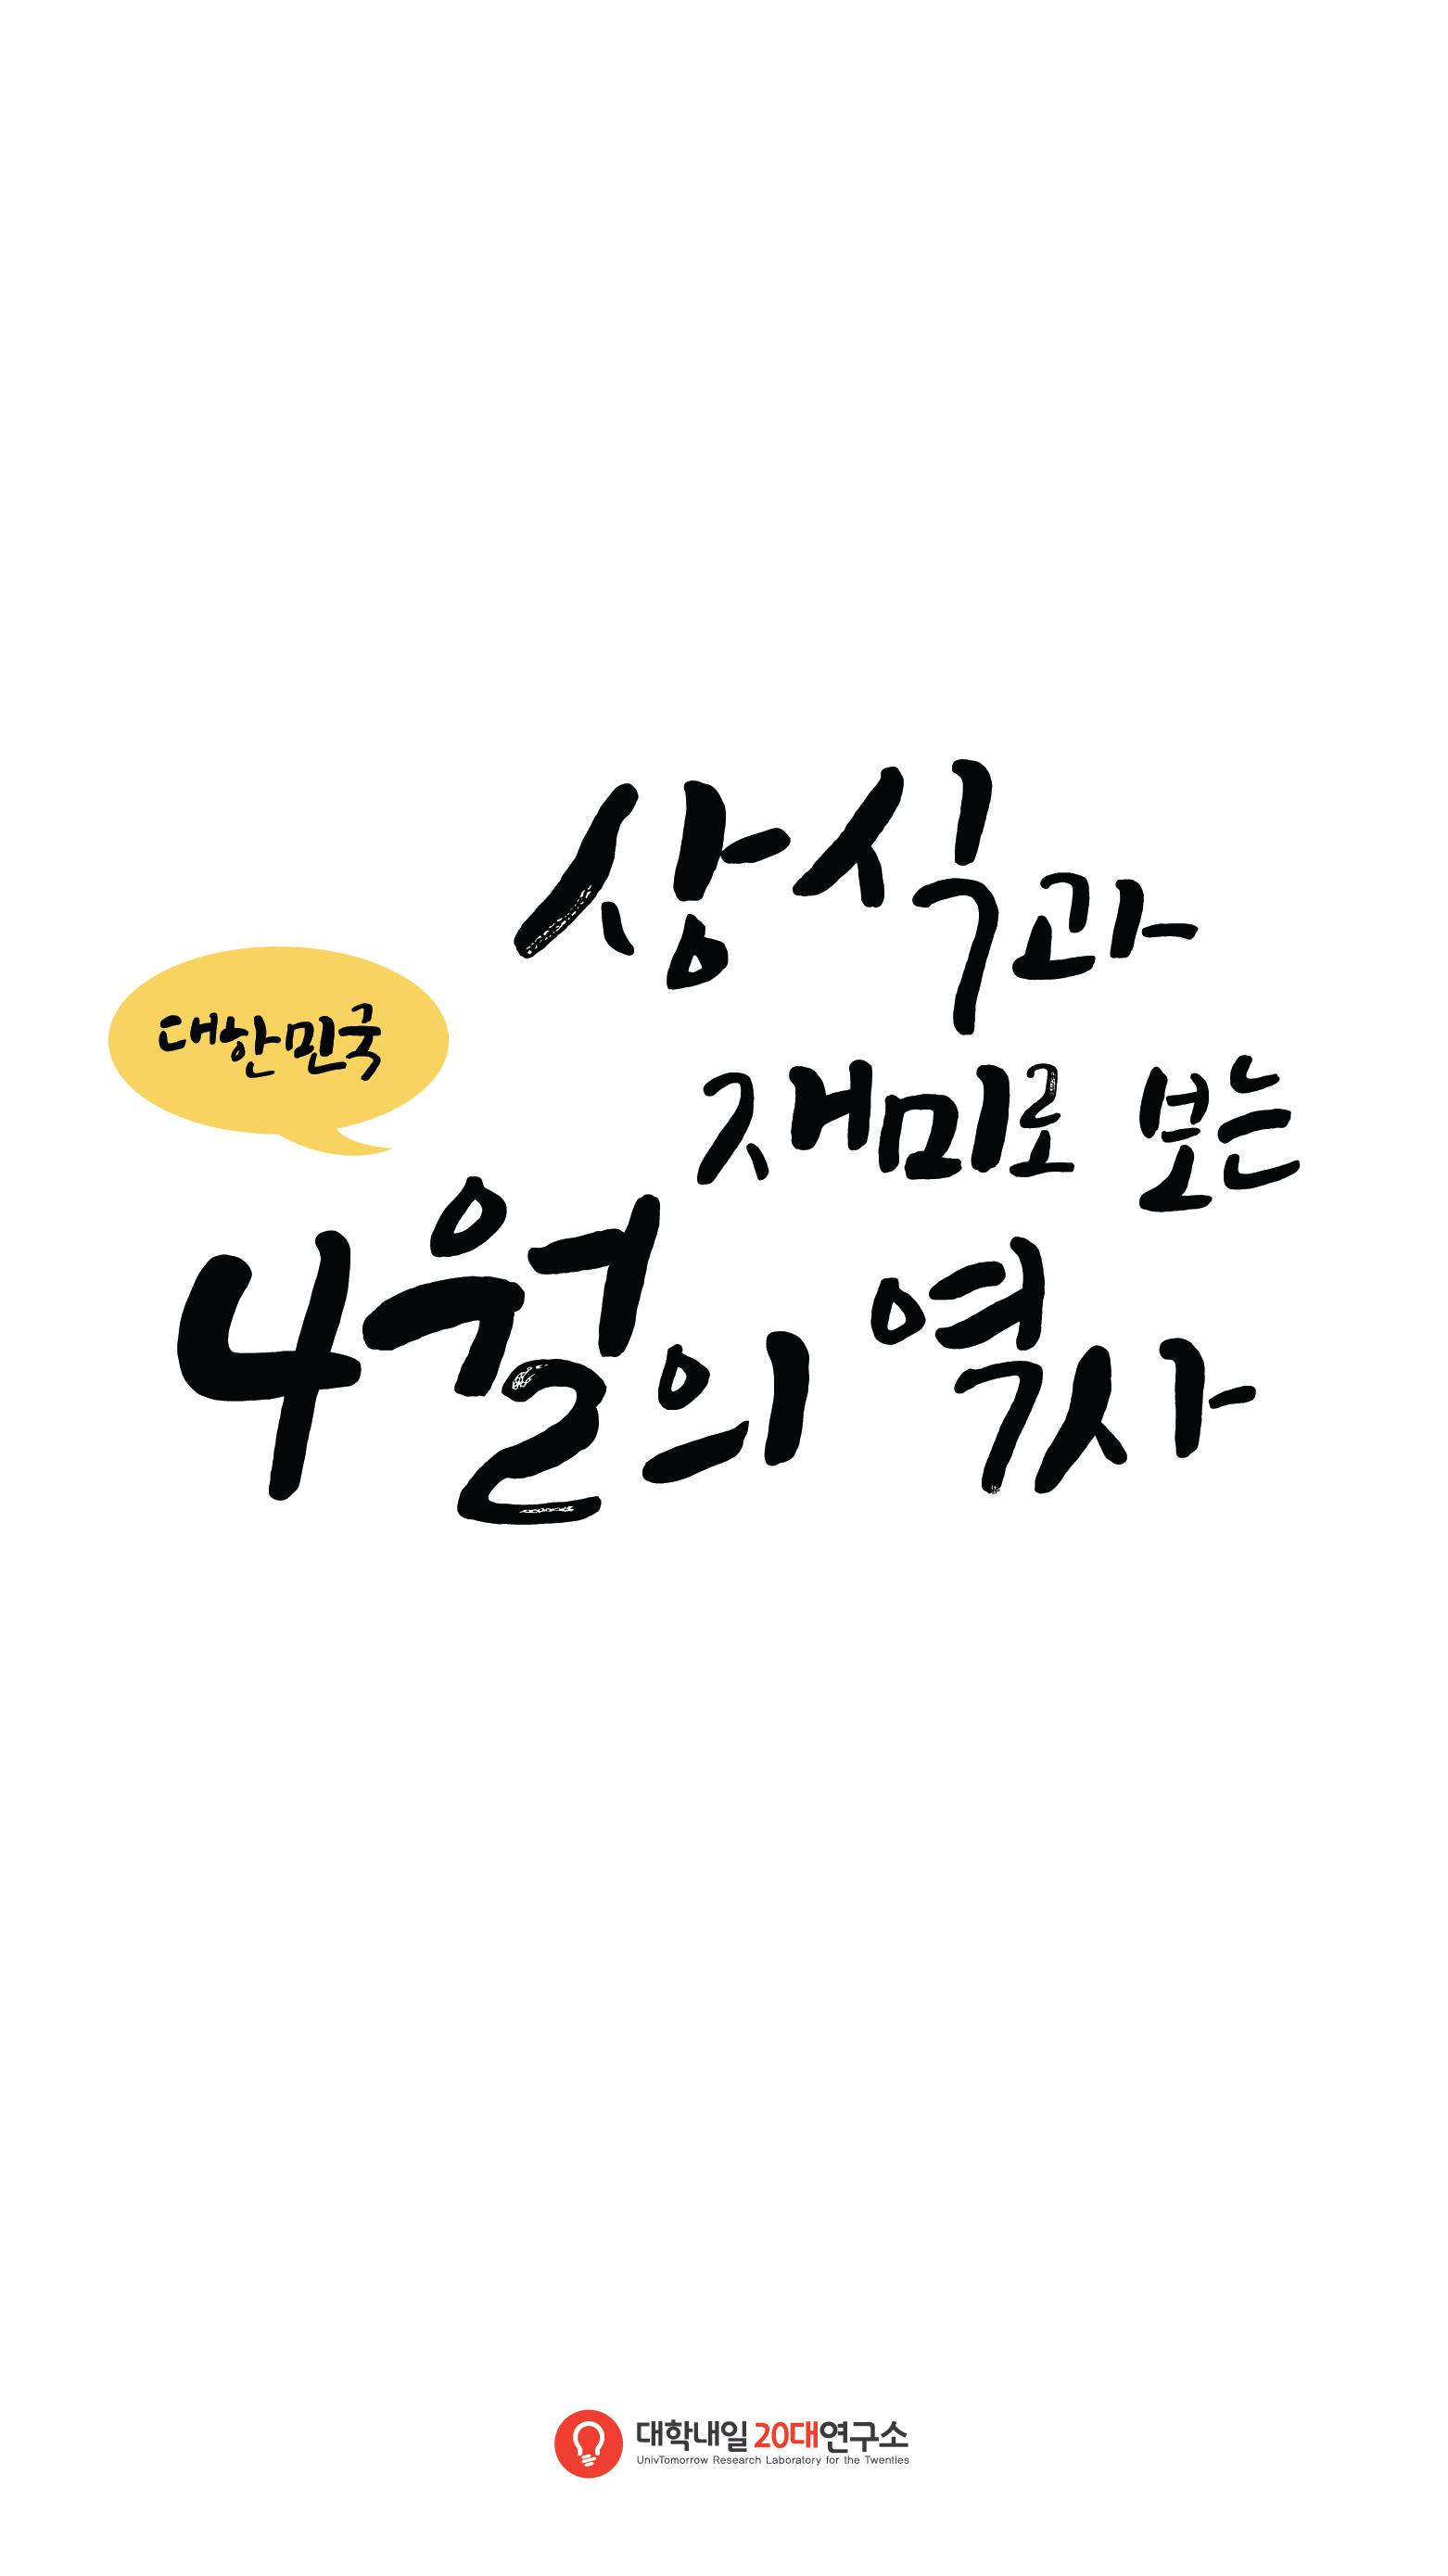 4월주요역사_카톡버전-01